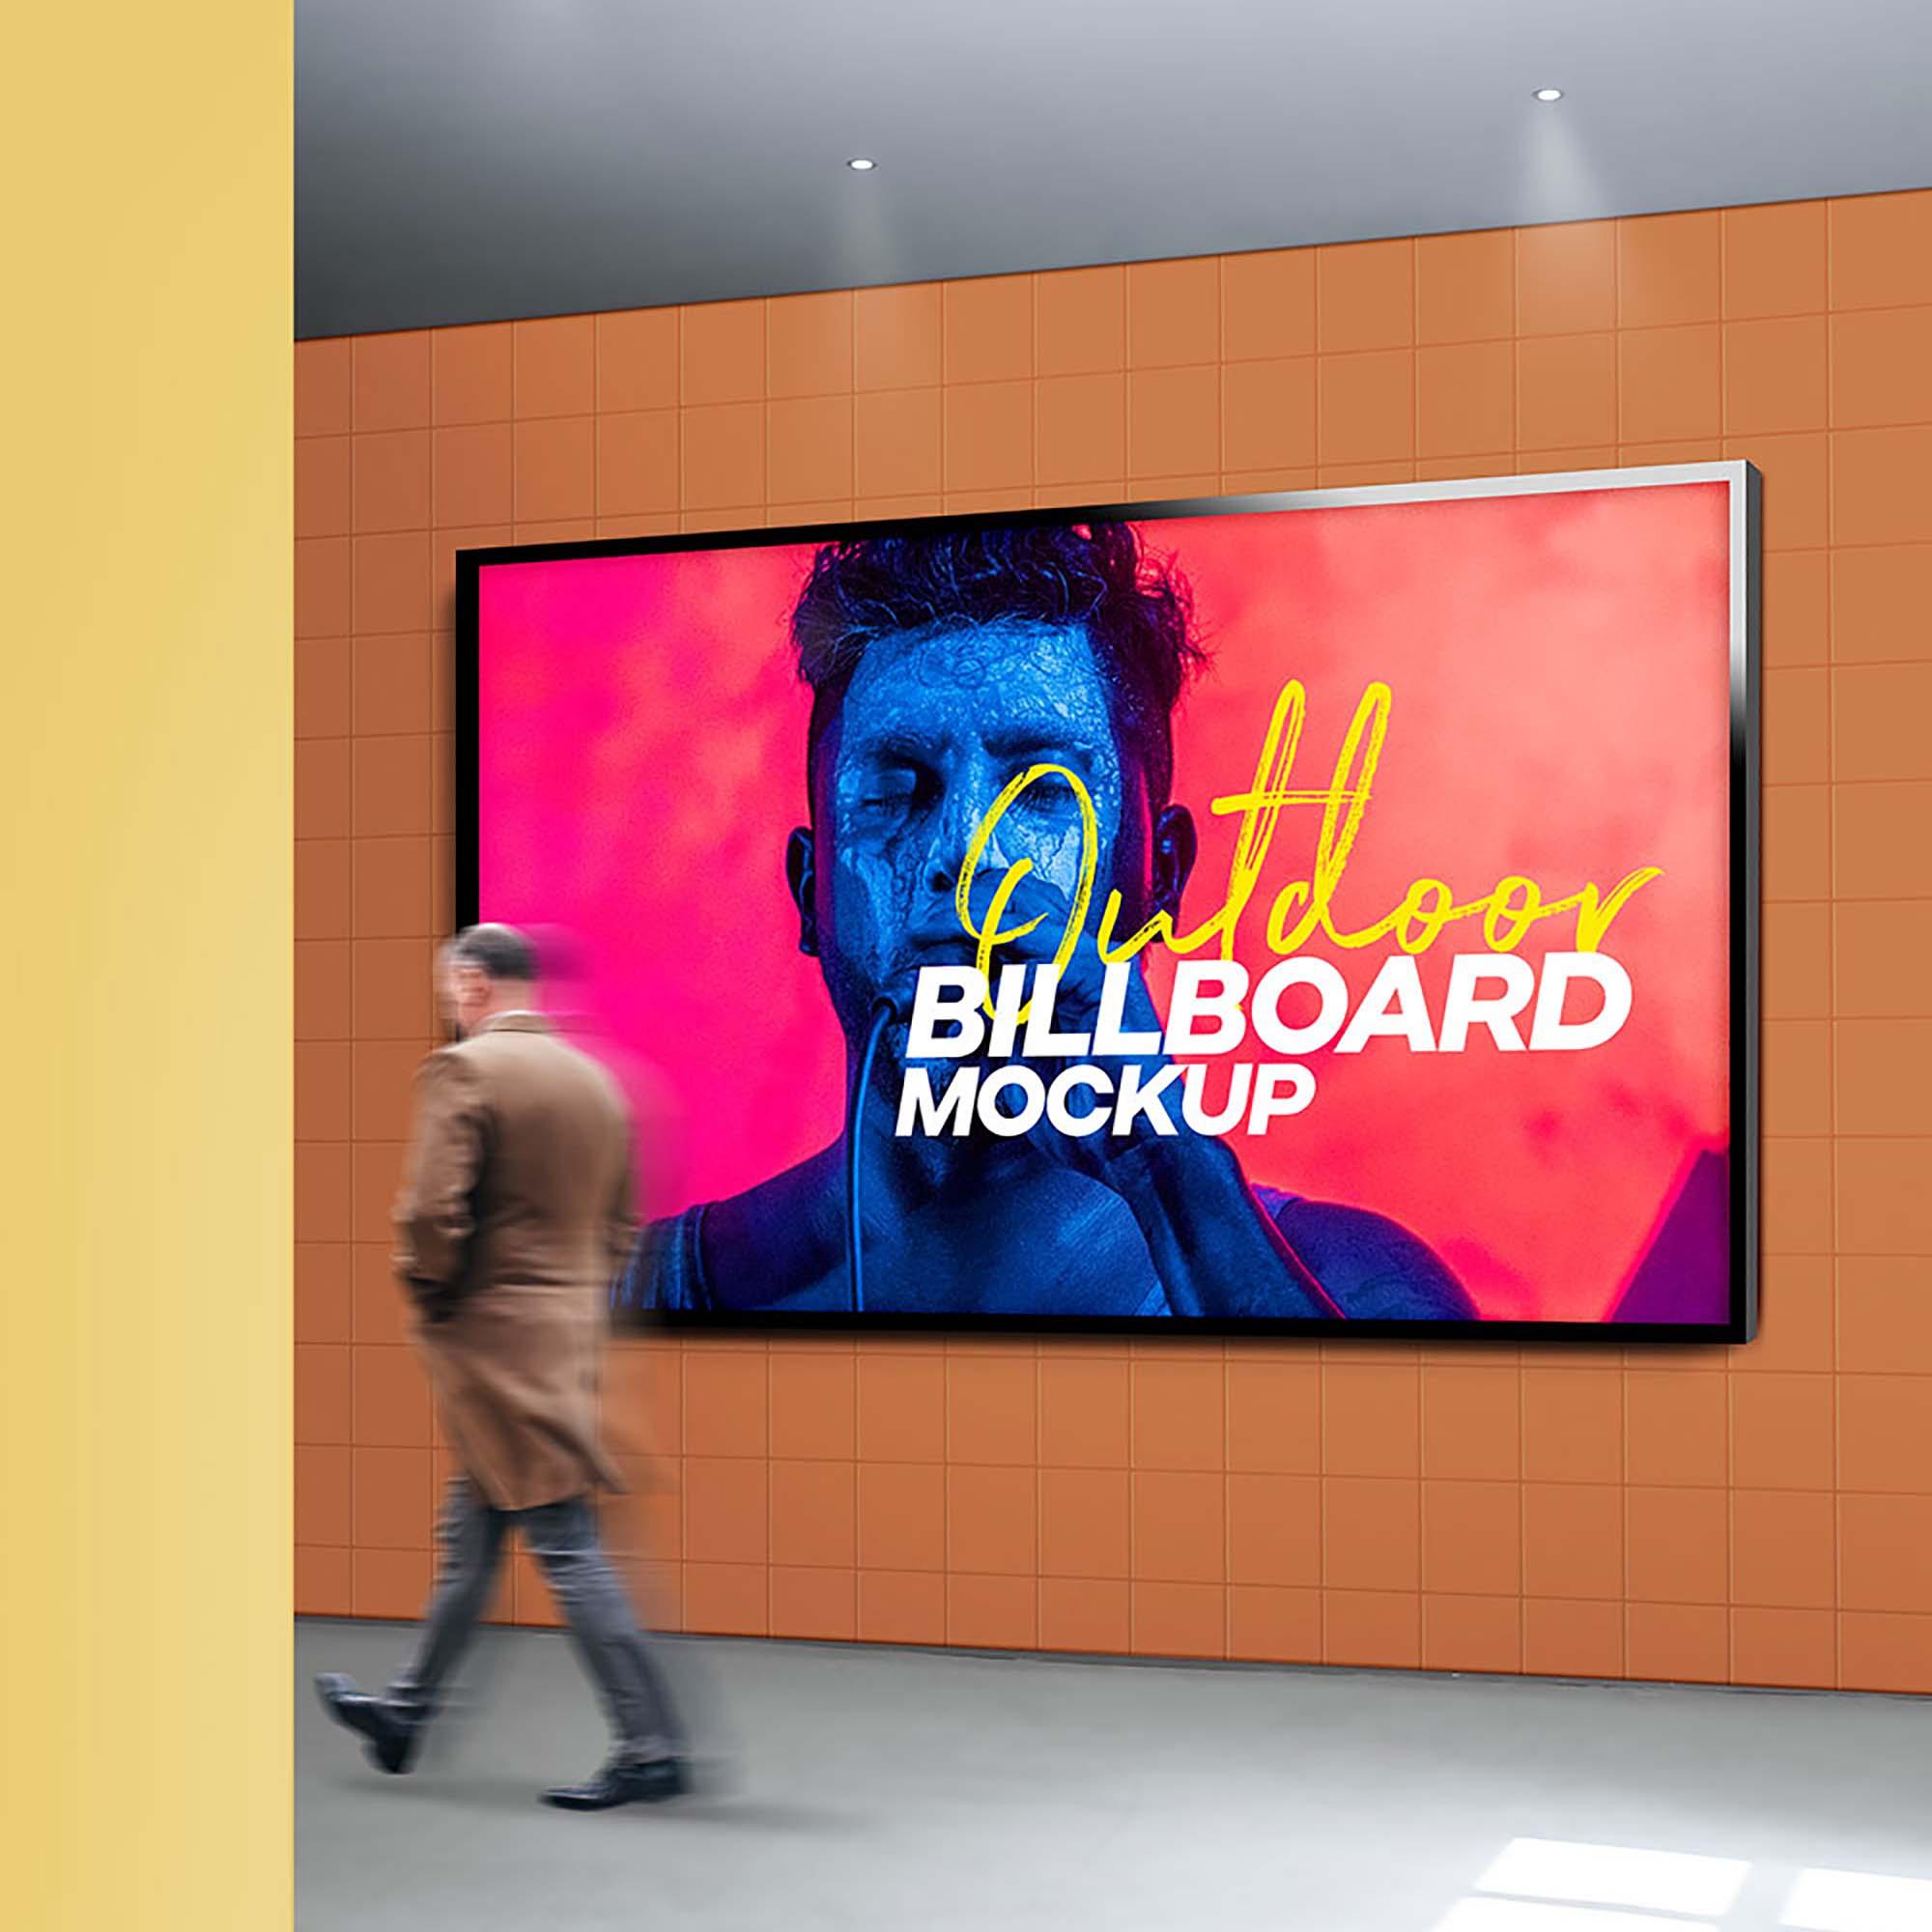 Outdoor Billboard Mockup